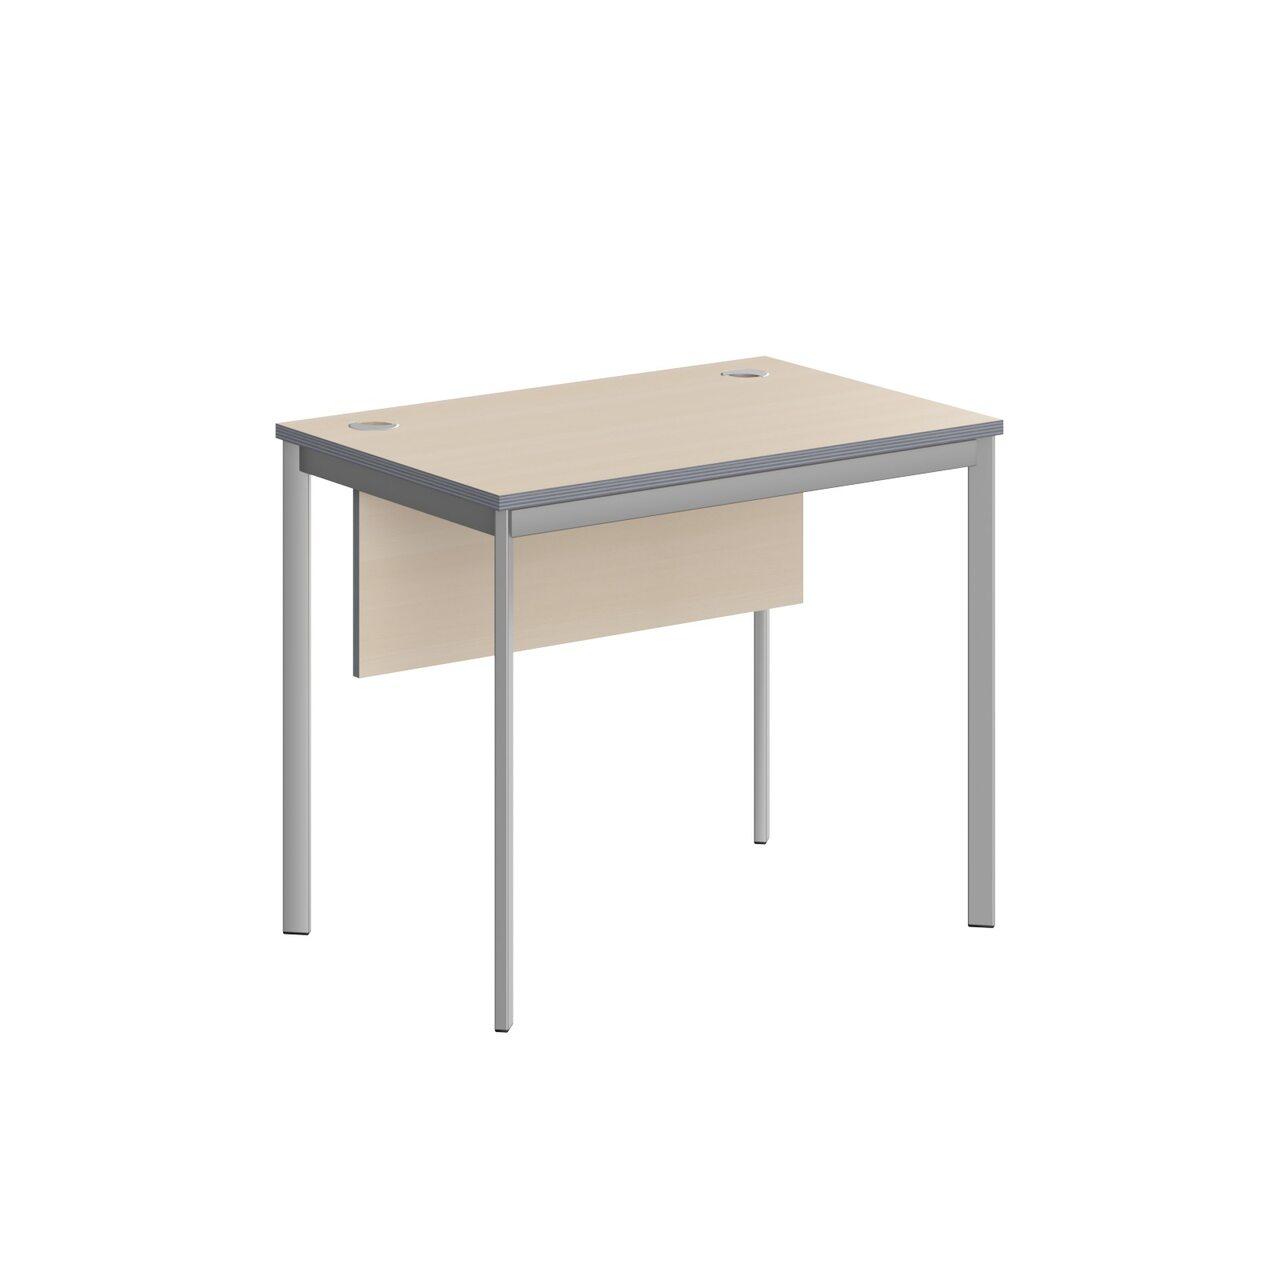 Стол прямой с фрональной панелью  IMAGO-S 90x60x76 - фото 5